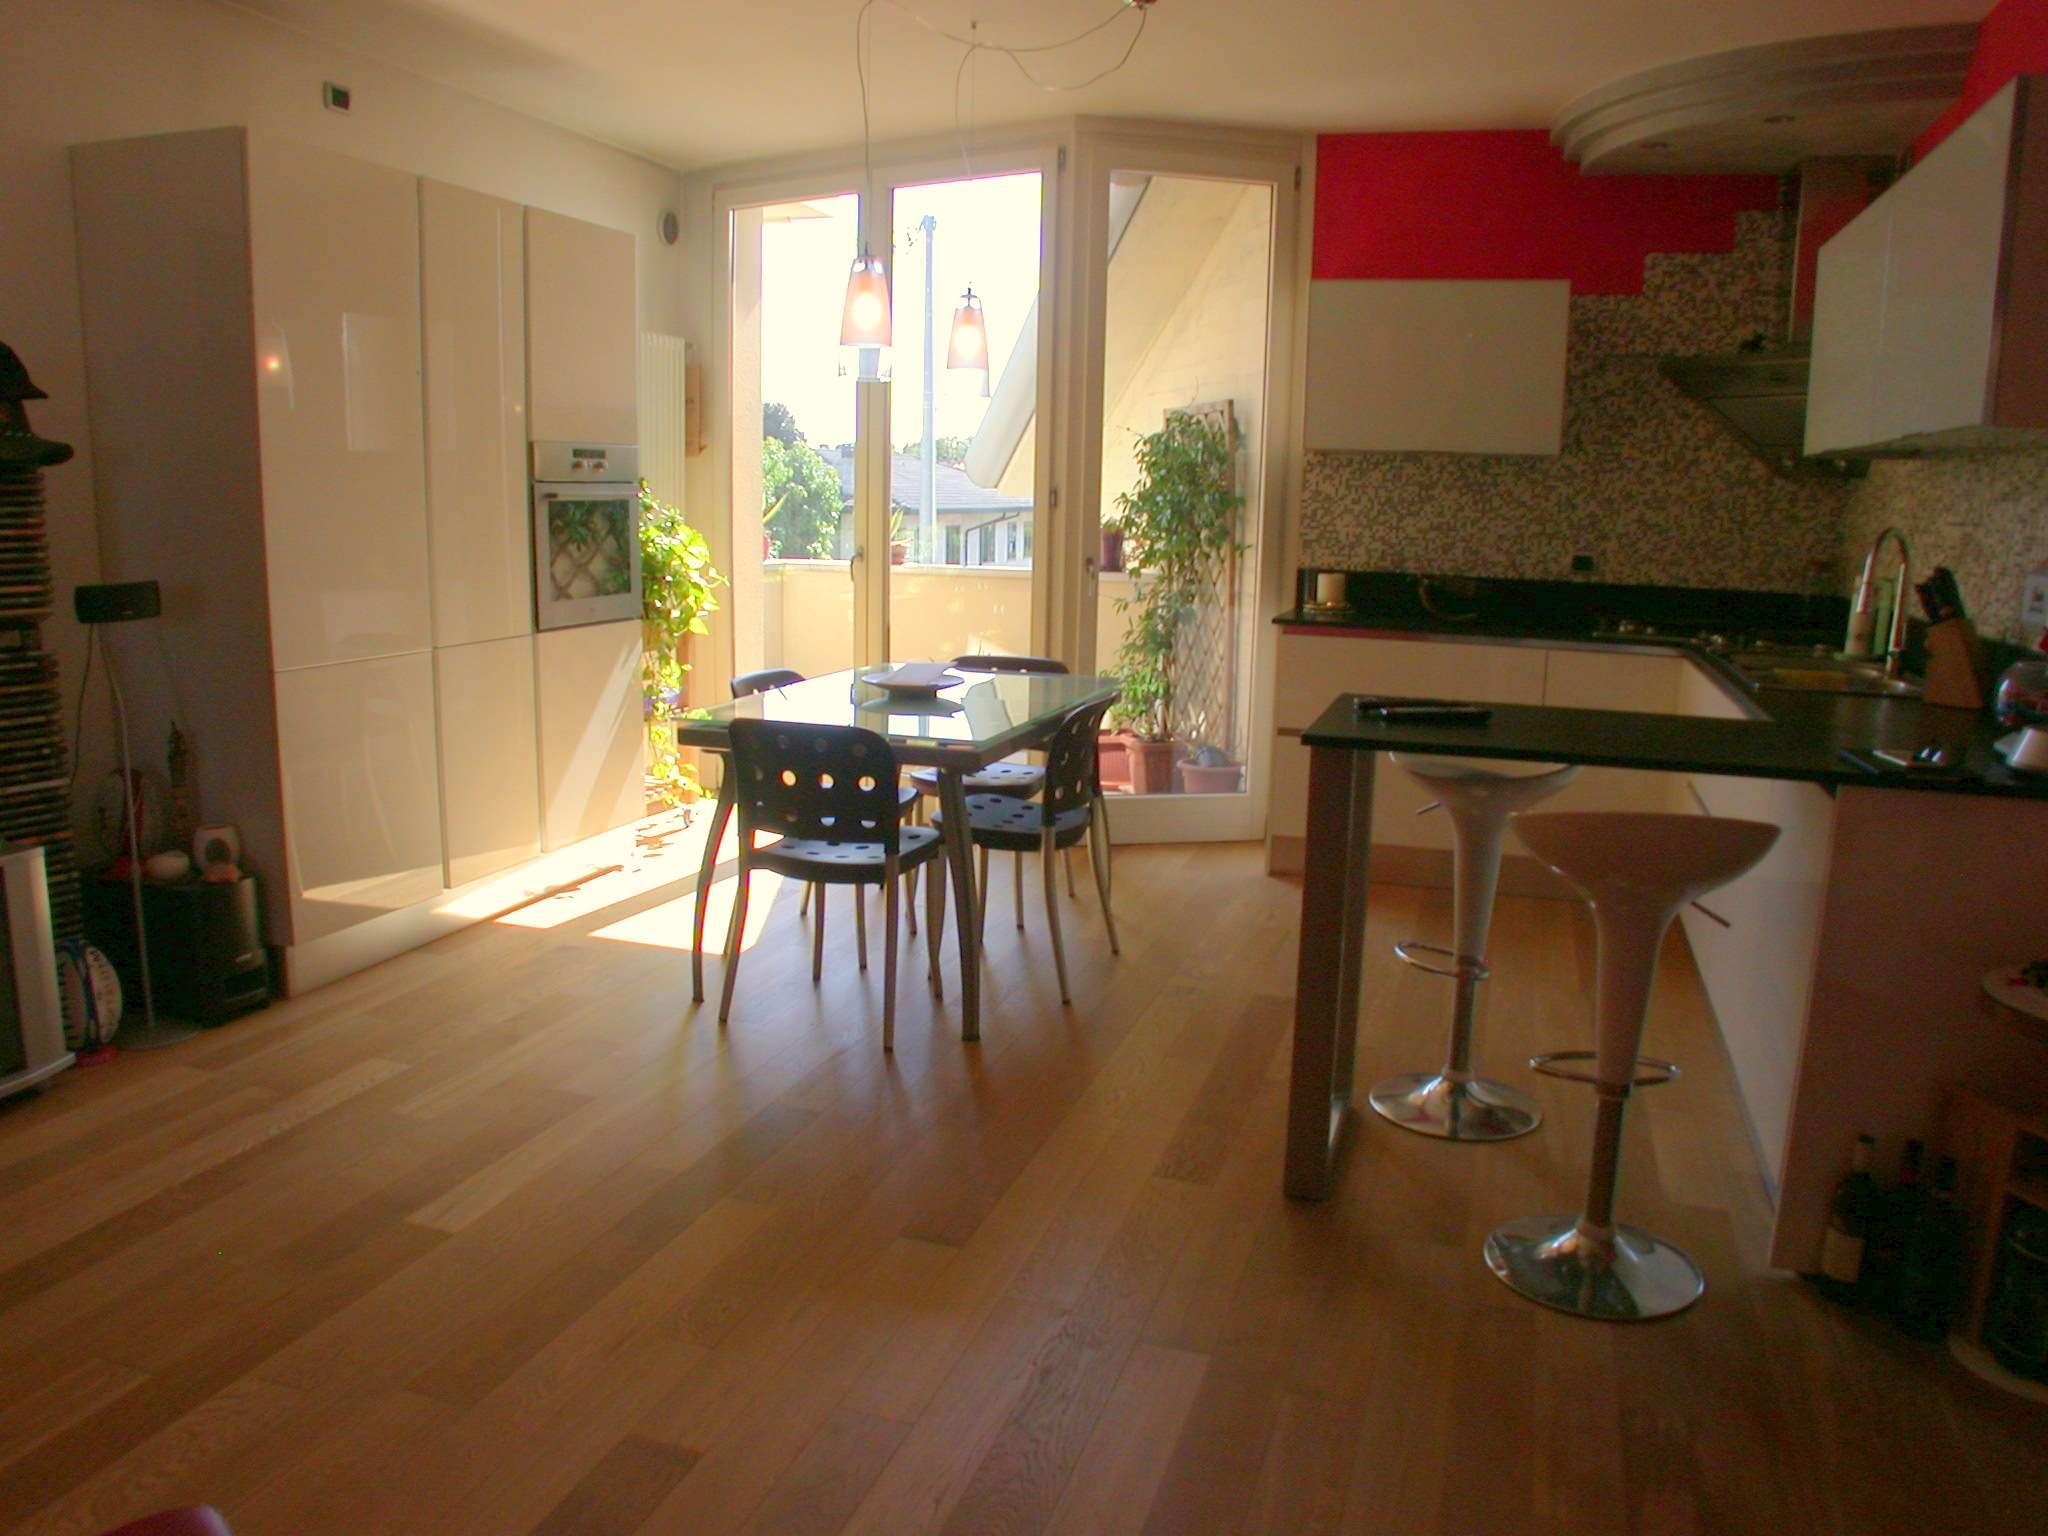 Biban vendesi appartamento recente costruzione su due livelli con terrazzo abitabile